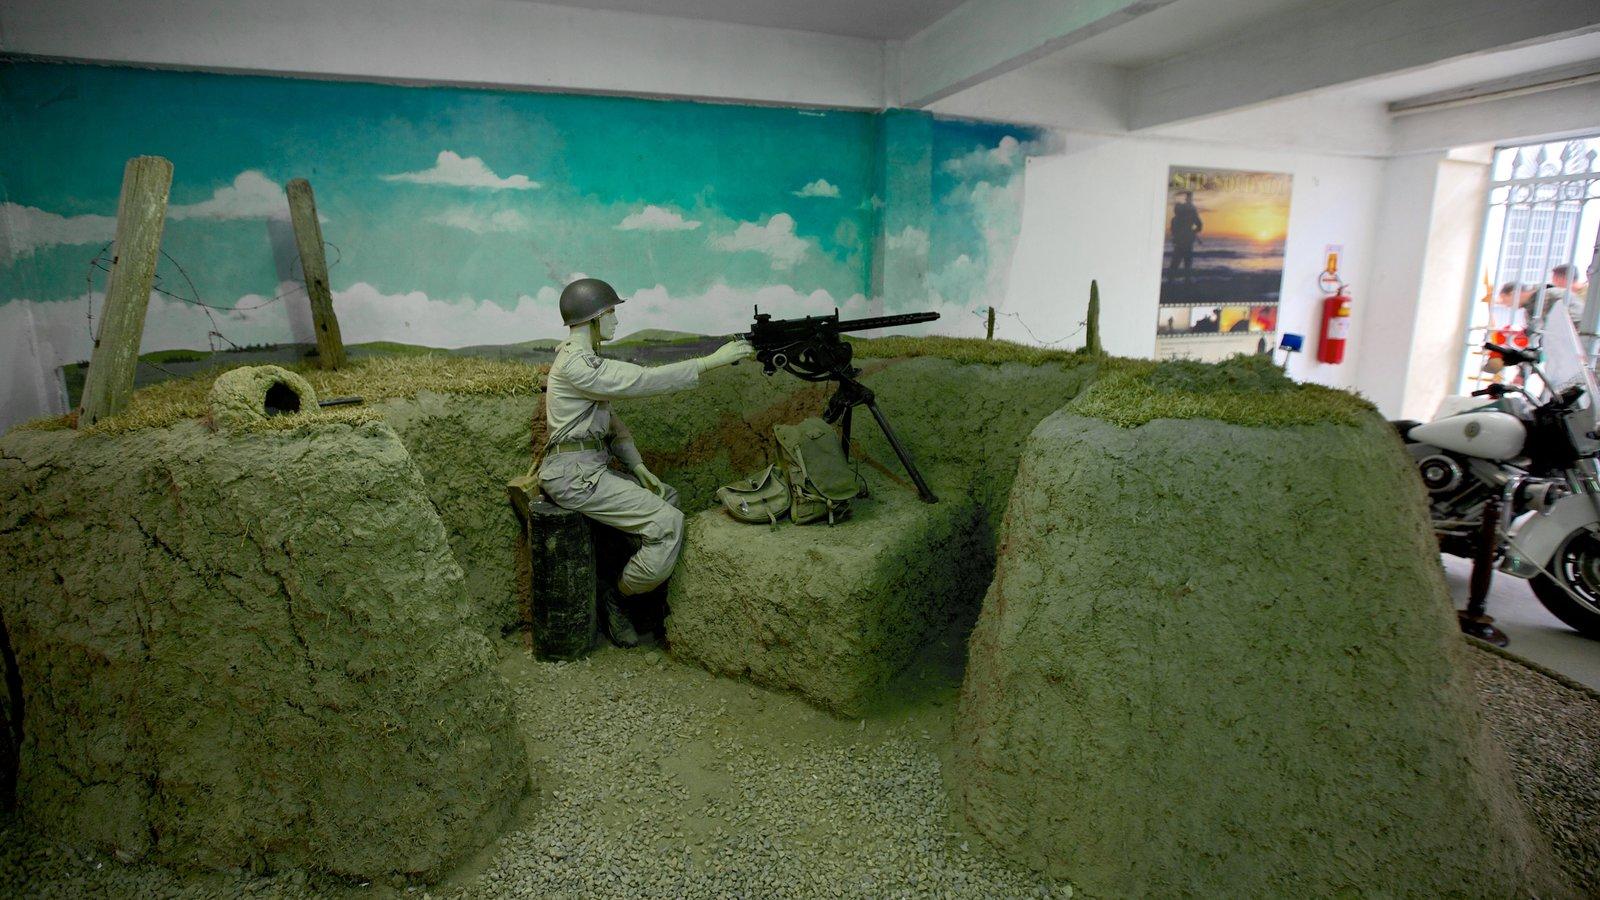 Museu Militar que inclui vistas internas e itens militares